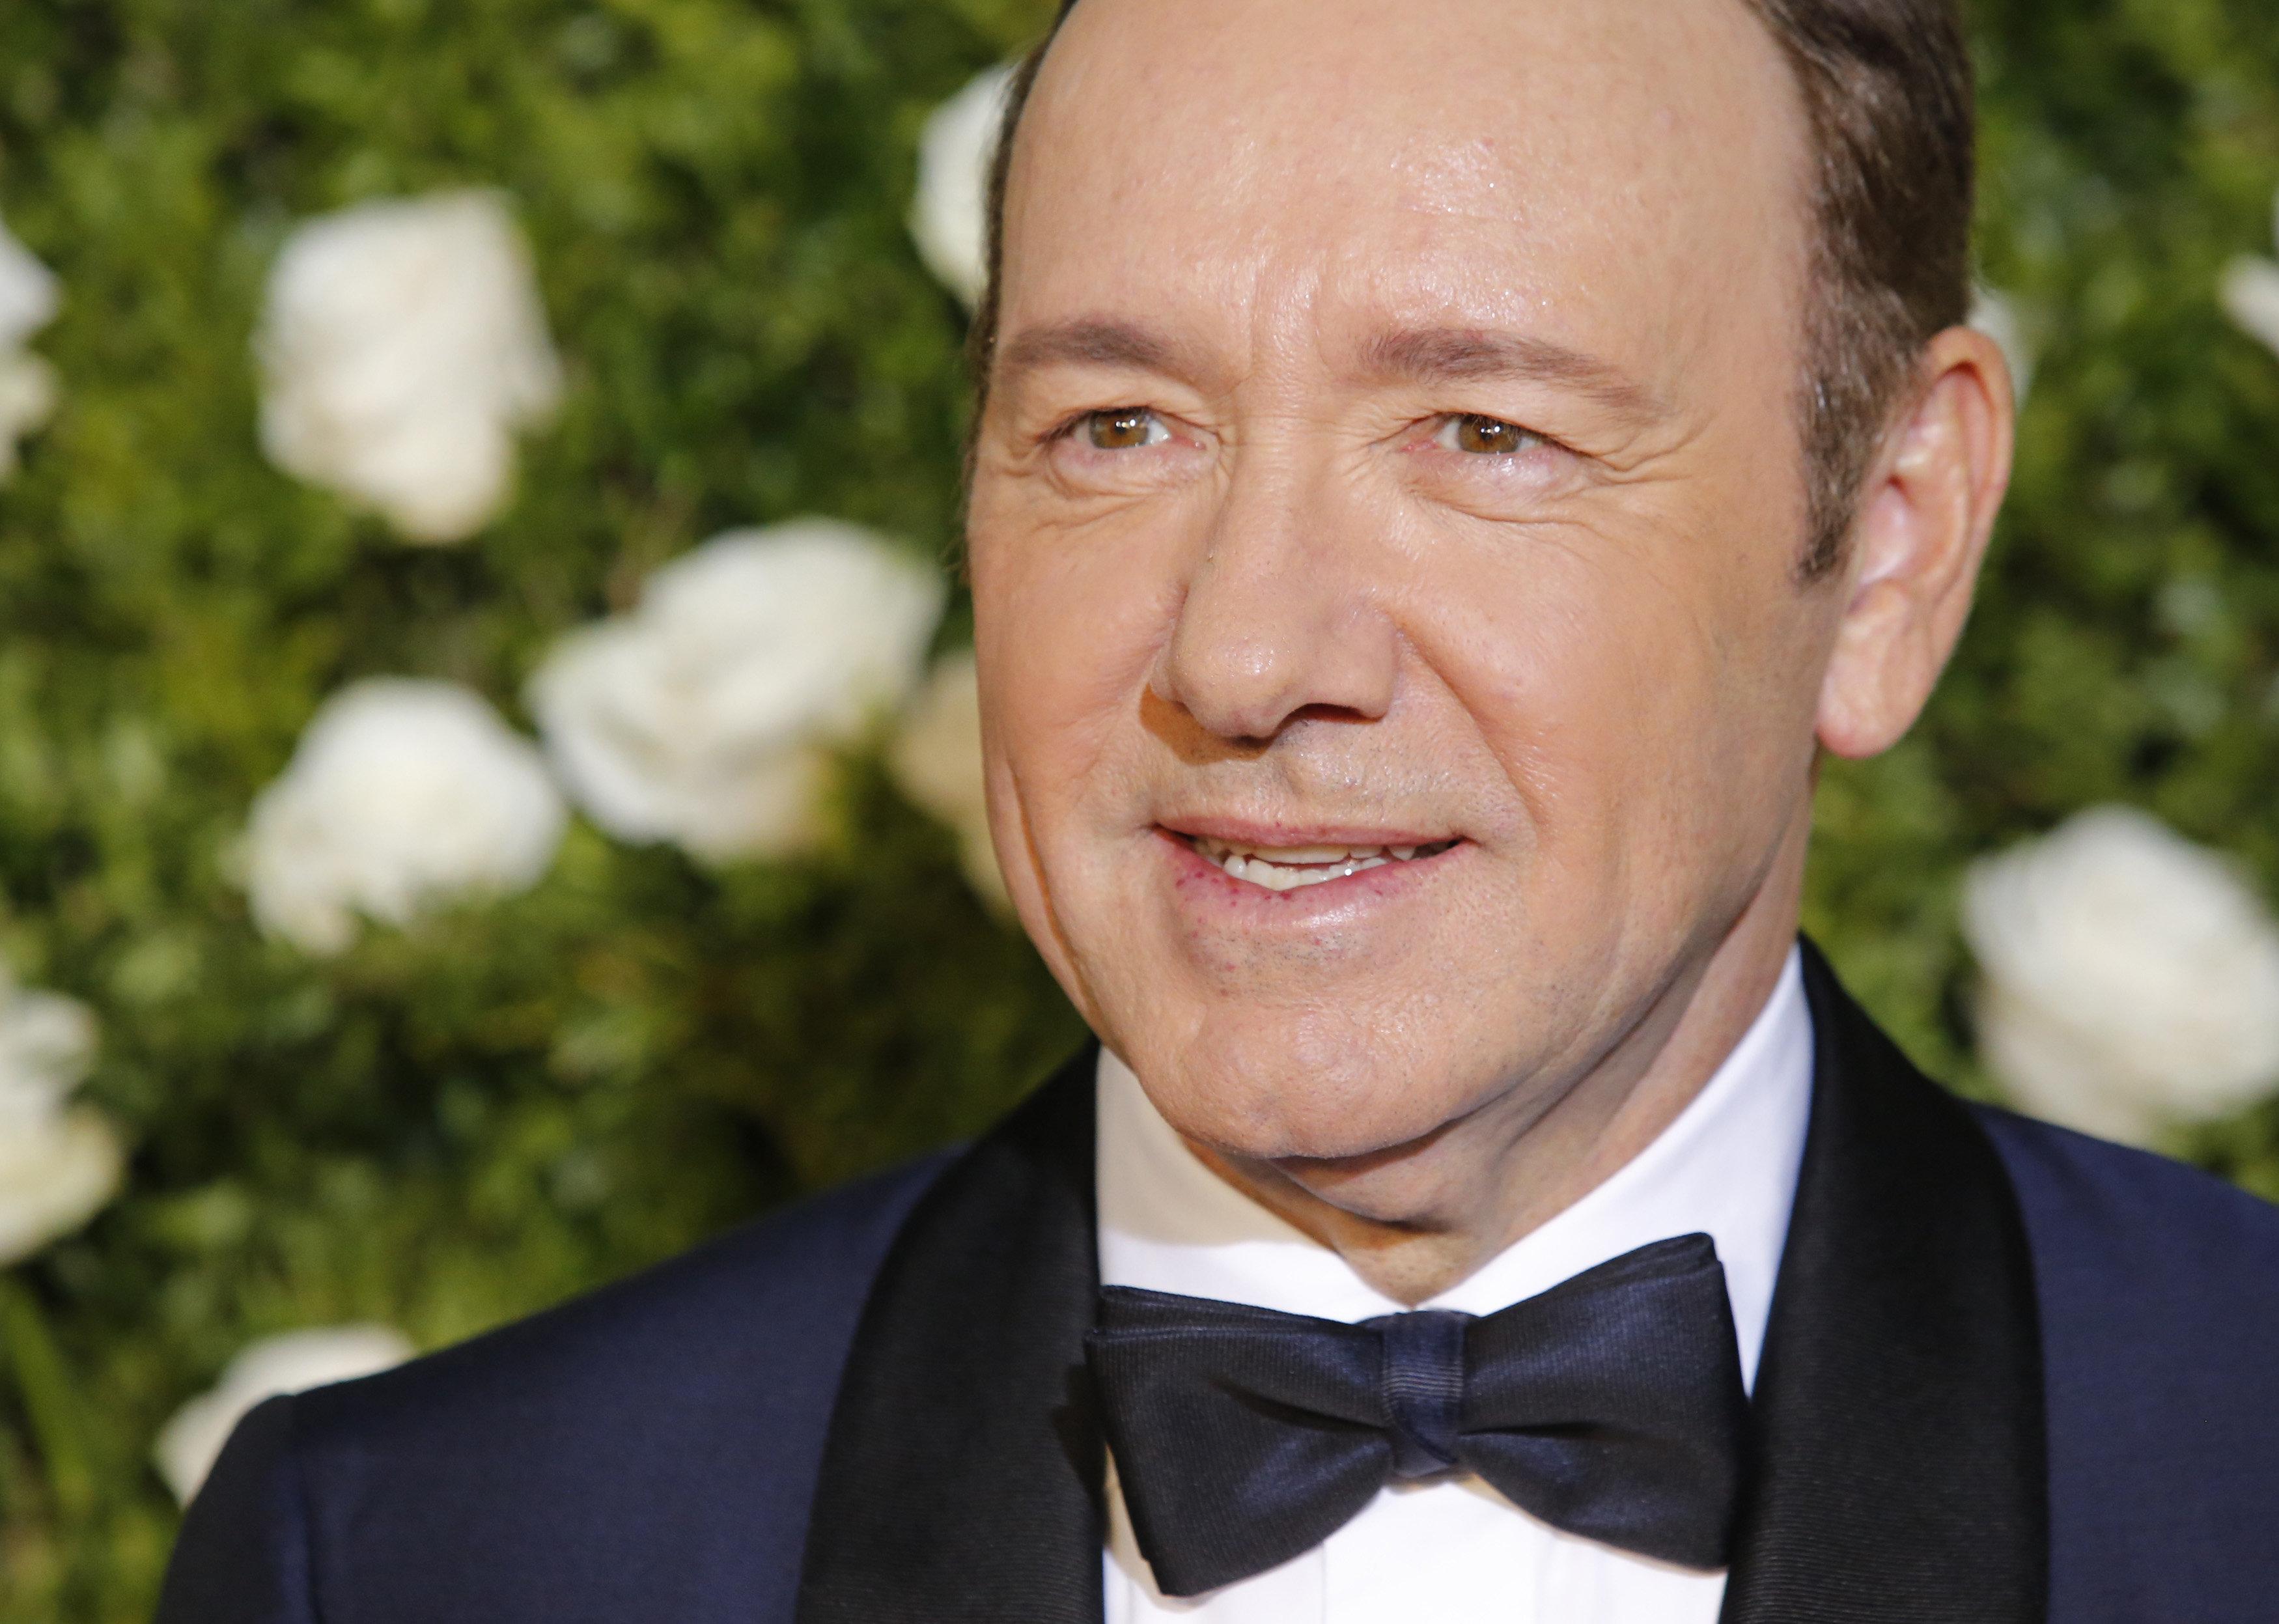 Ο Kevin Spacey επιστρέφει στη μεγάλη οθόνη μήνες μετά τις κατηγορίες για σεξουαλική παρενόχληση